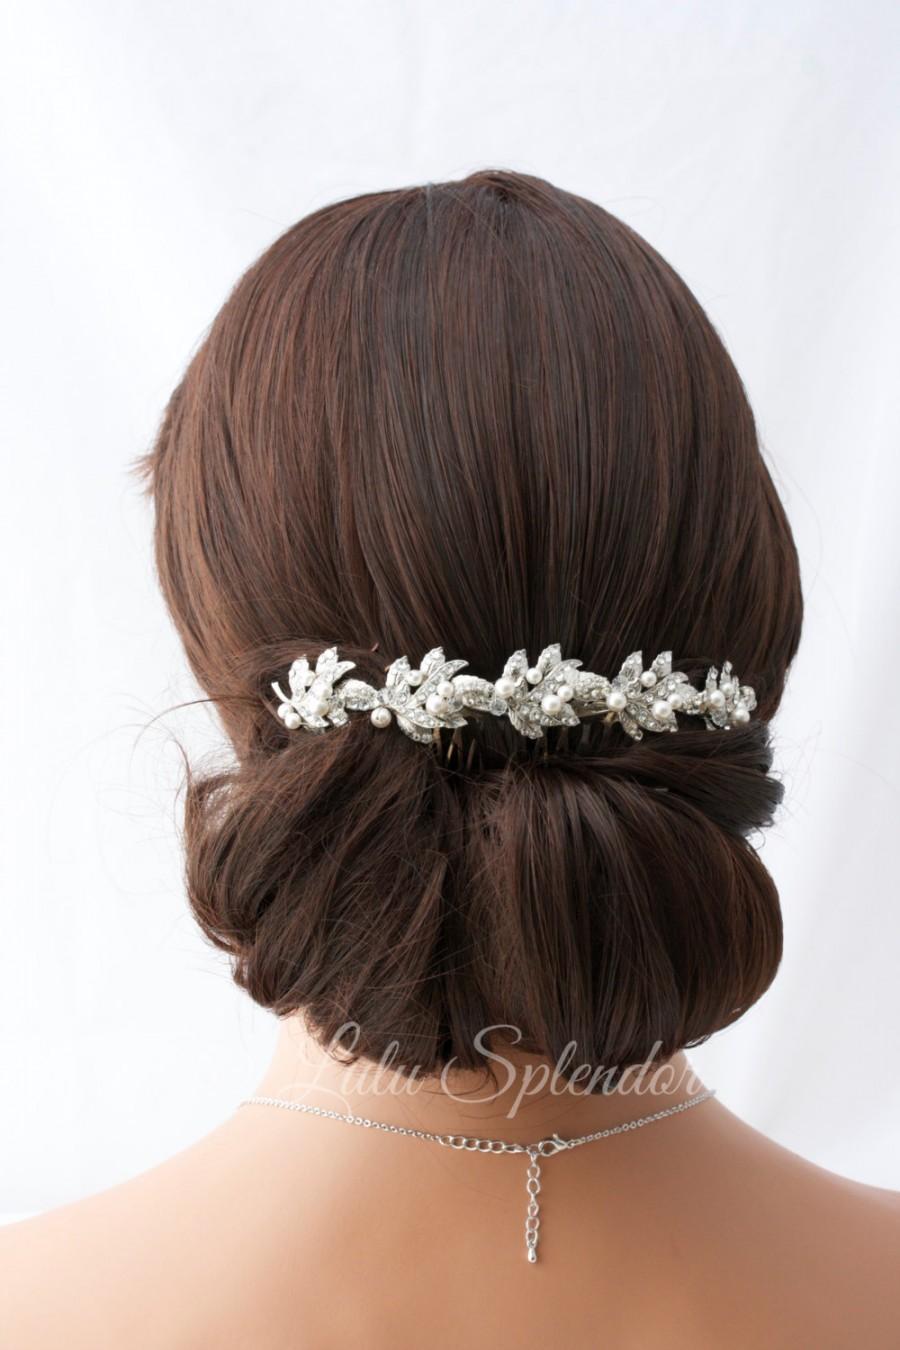 زفاف - Bridal Headpiece Rhinestone Hair Vine Bridal Hair Clip Swarovski Crystal Hairpiece Vintage Style  Back Hair Comb Wedding Headpiece  KAREN